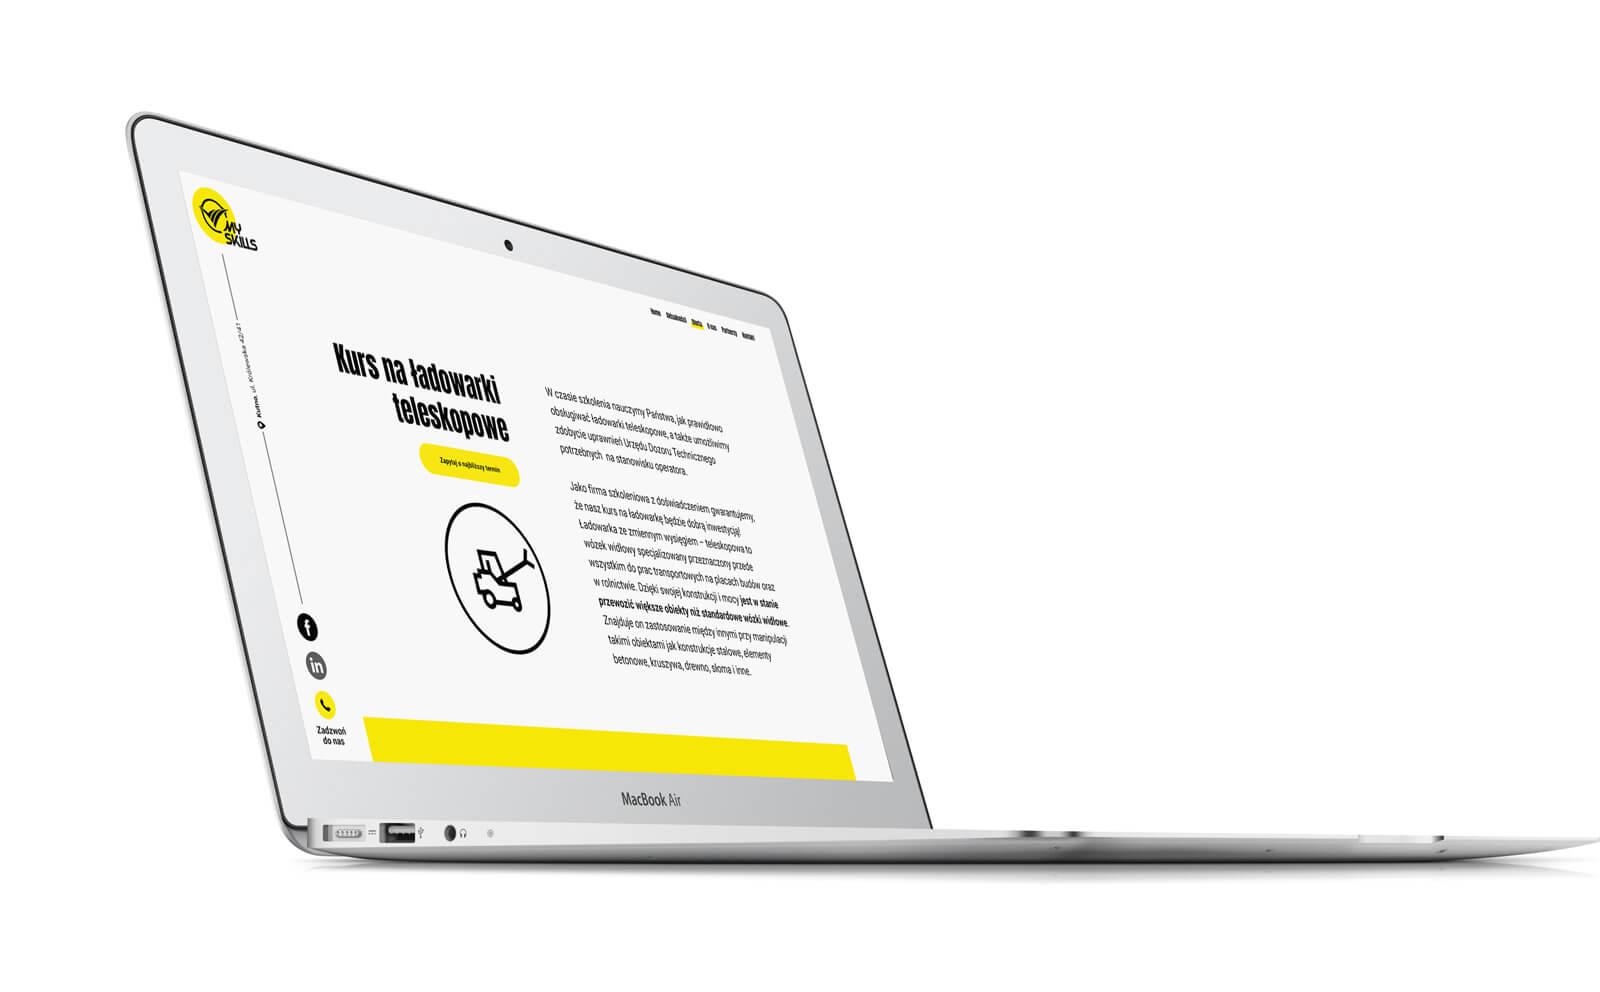 MySkills nowa strona internetowa dla szkoleń UDT. Lokalizacja; Kutno, Łódzkie.